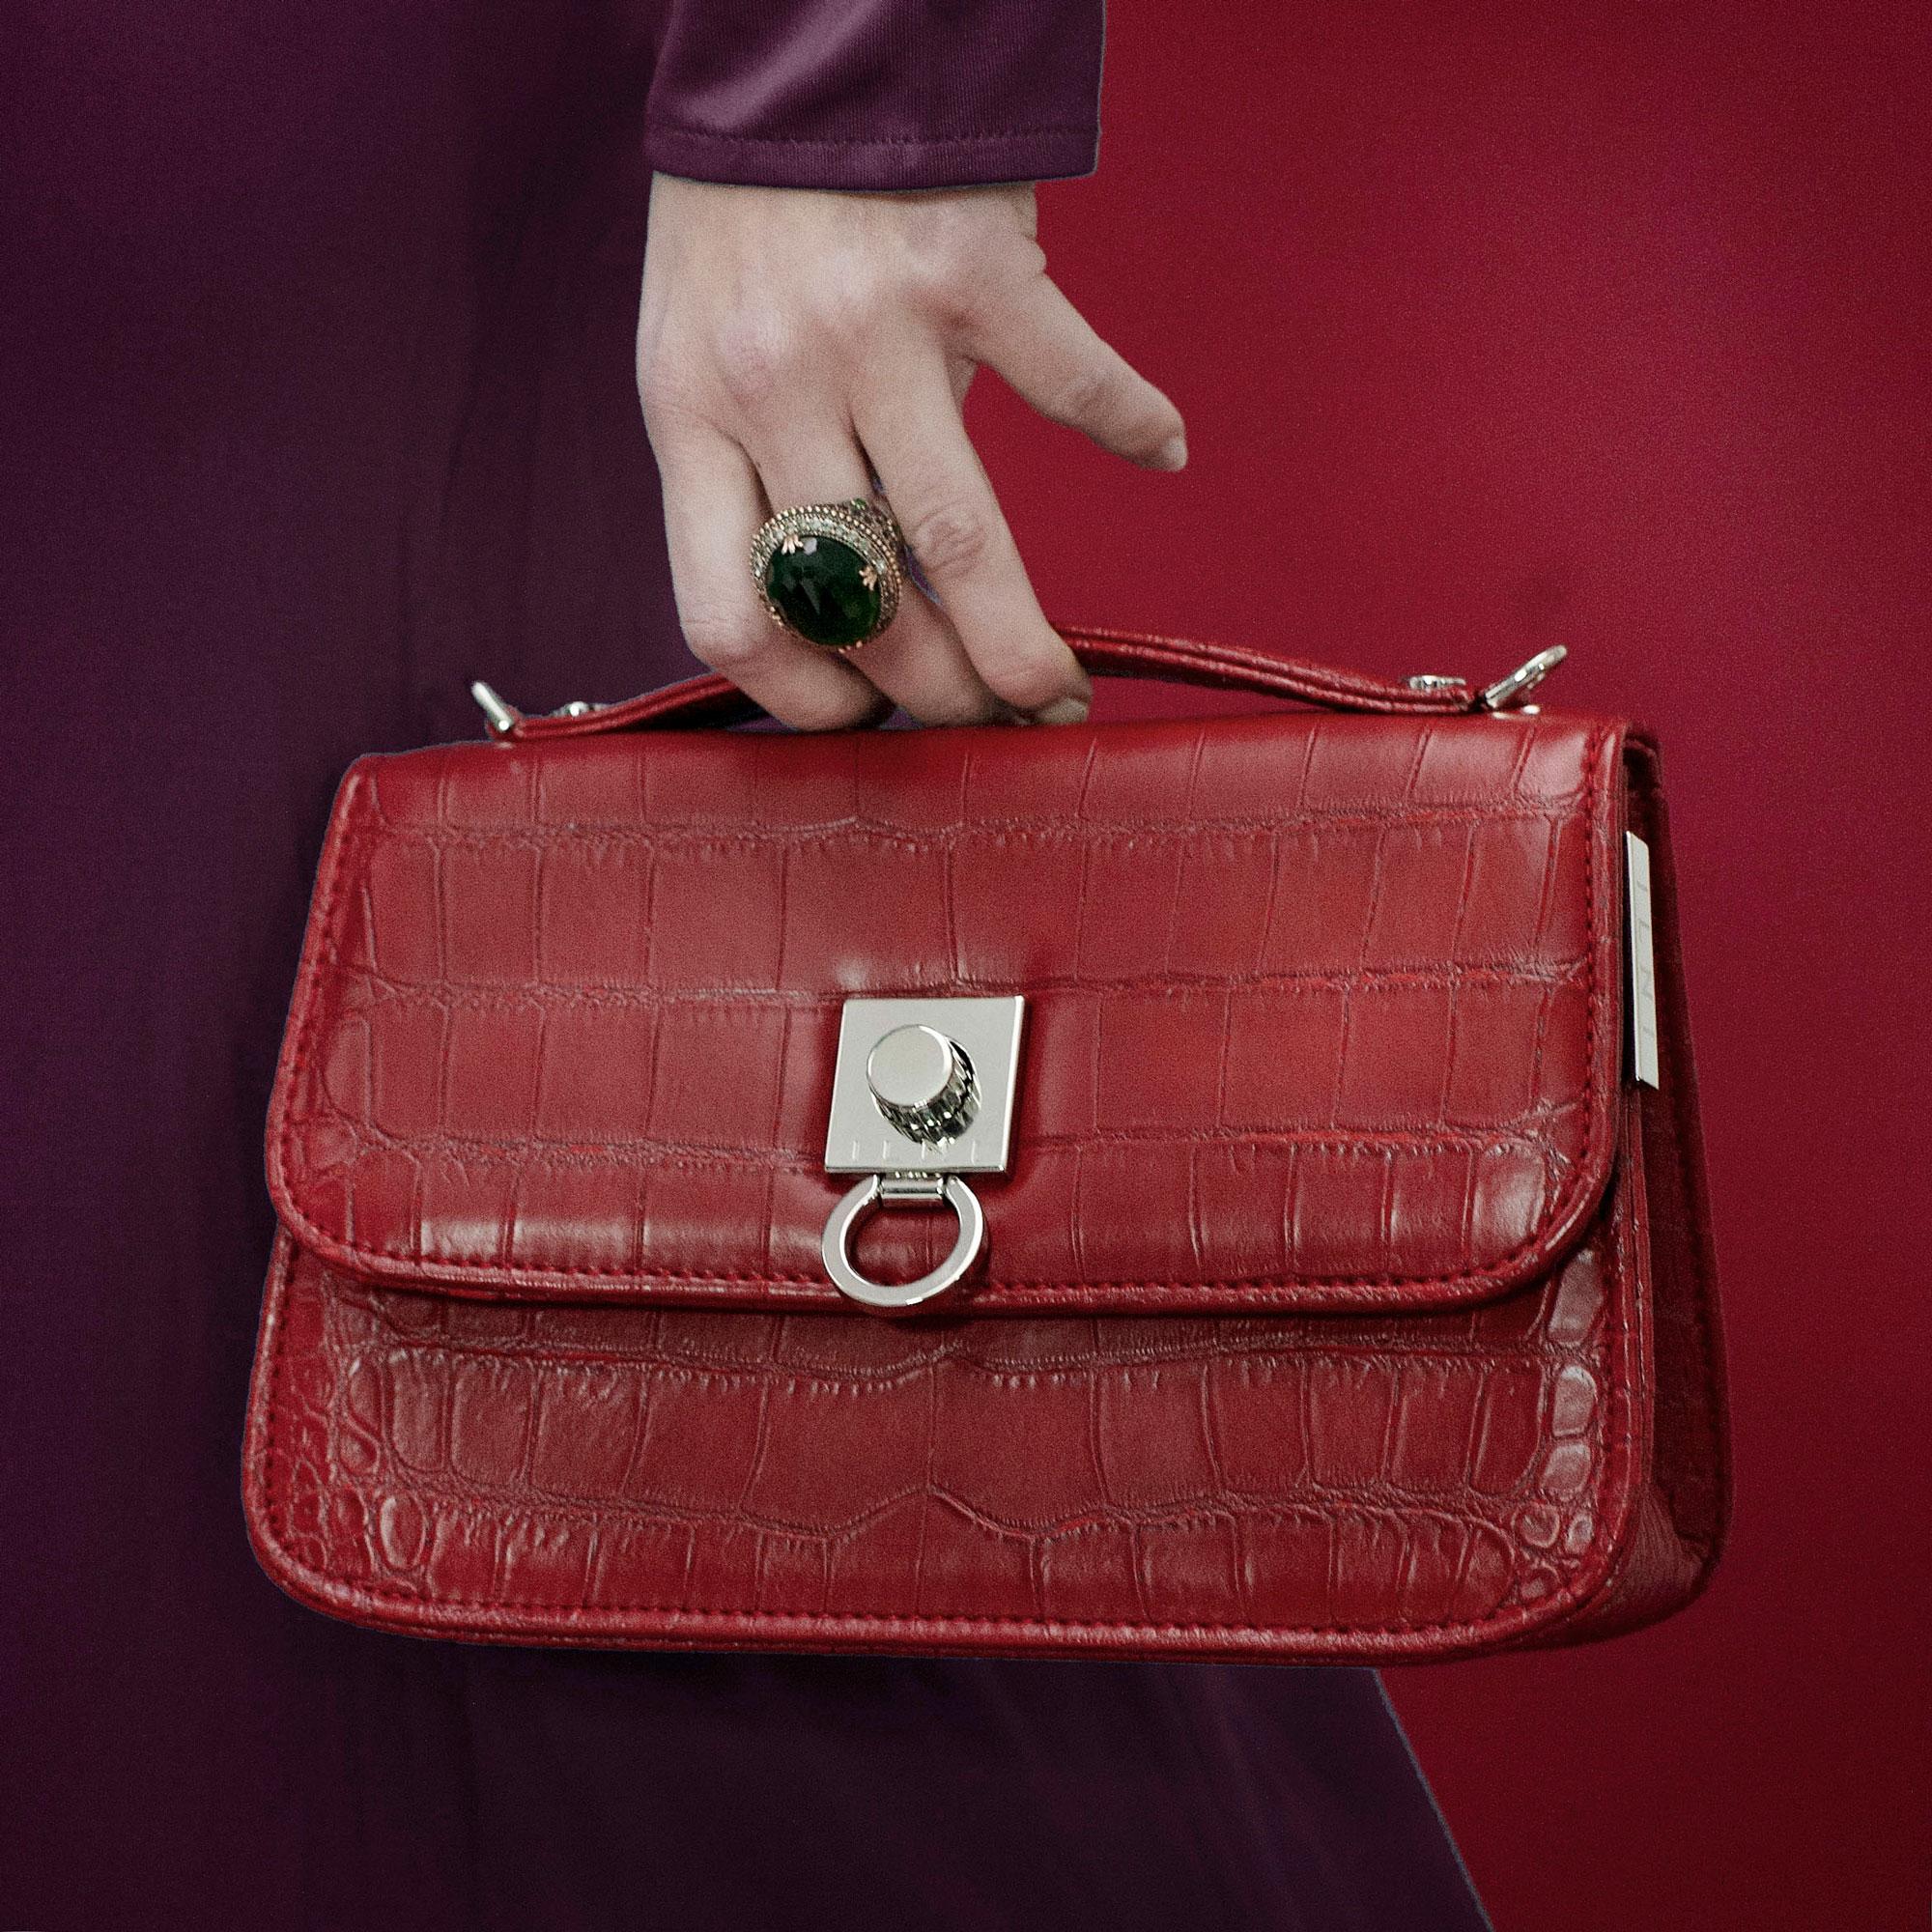 INLI-Cresces-Red-handbag